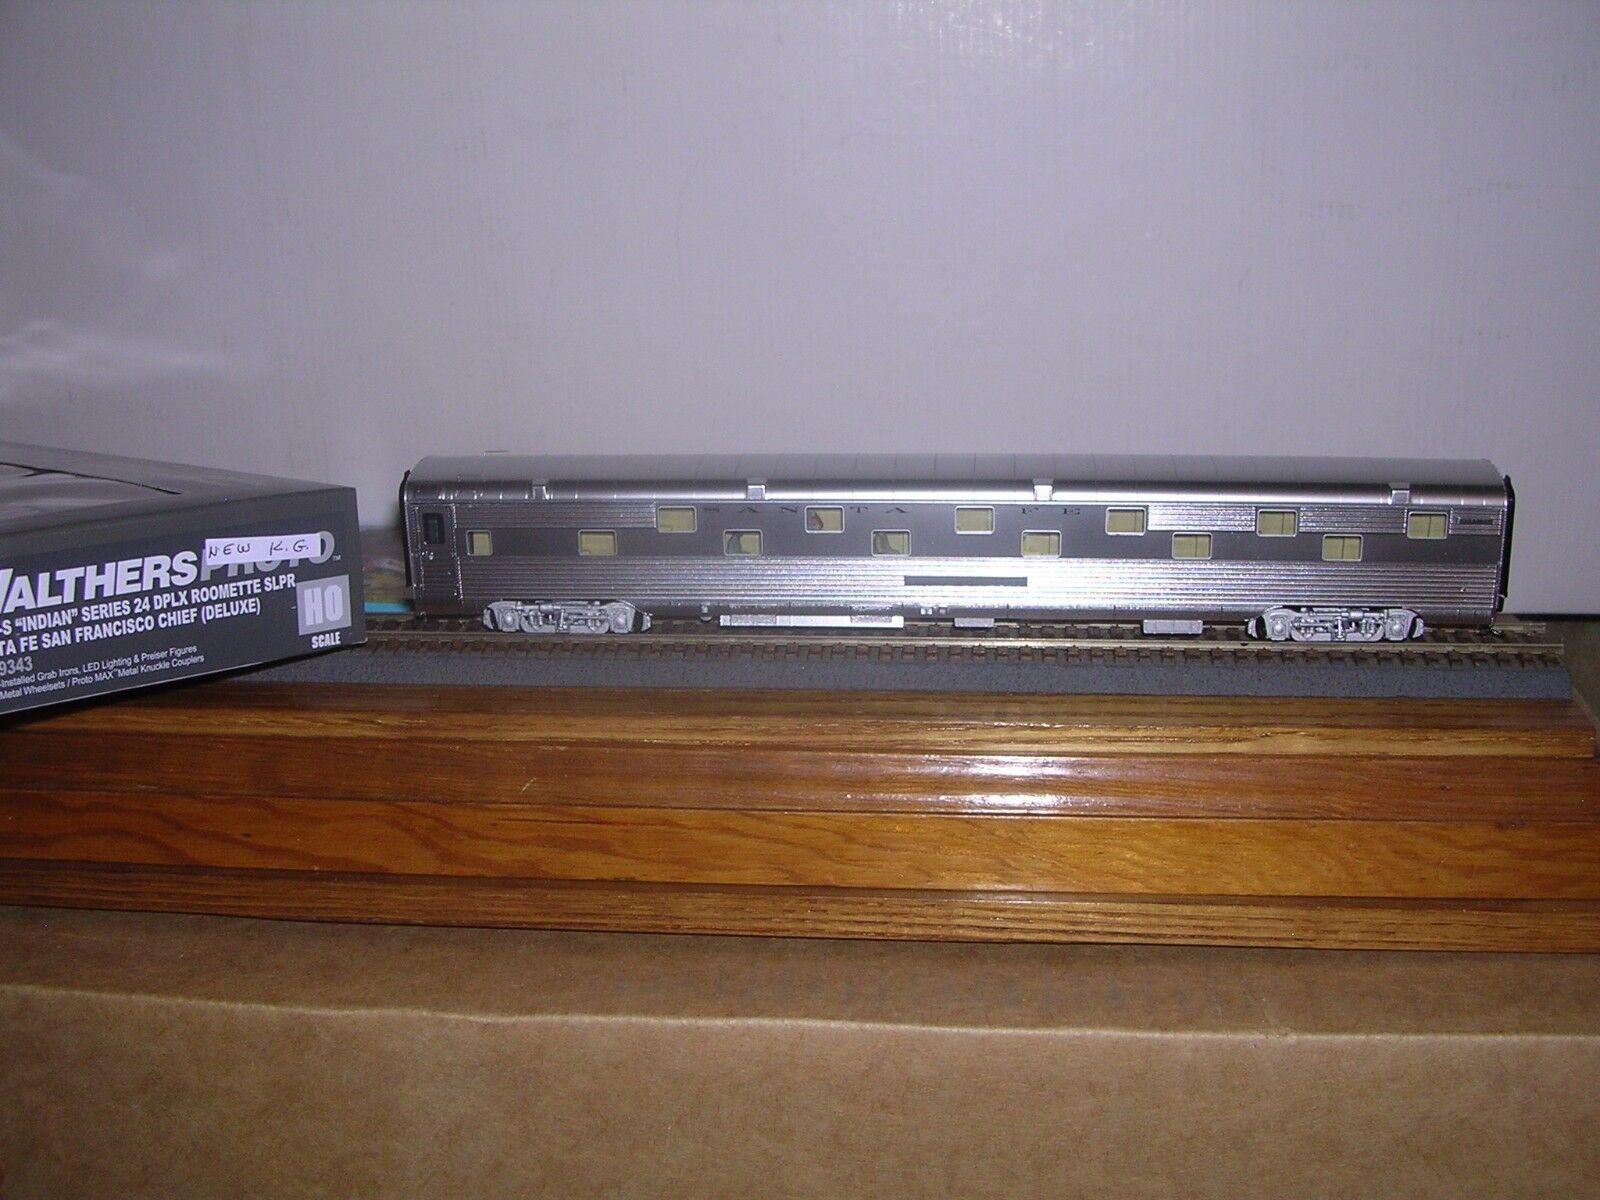 Walthers Projoo  920-9343 Santa Fe P.S. optimizada 85' dúplex durmiente del 1 87